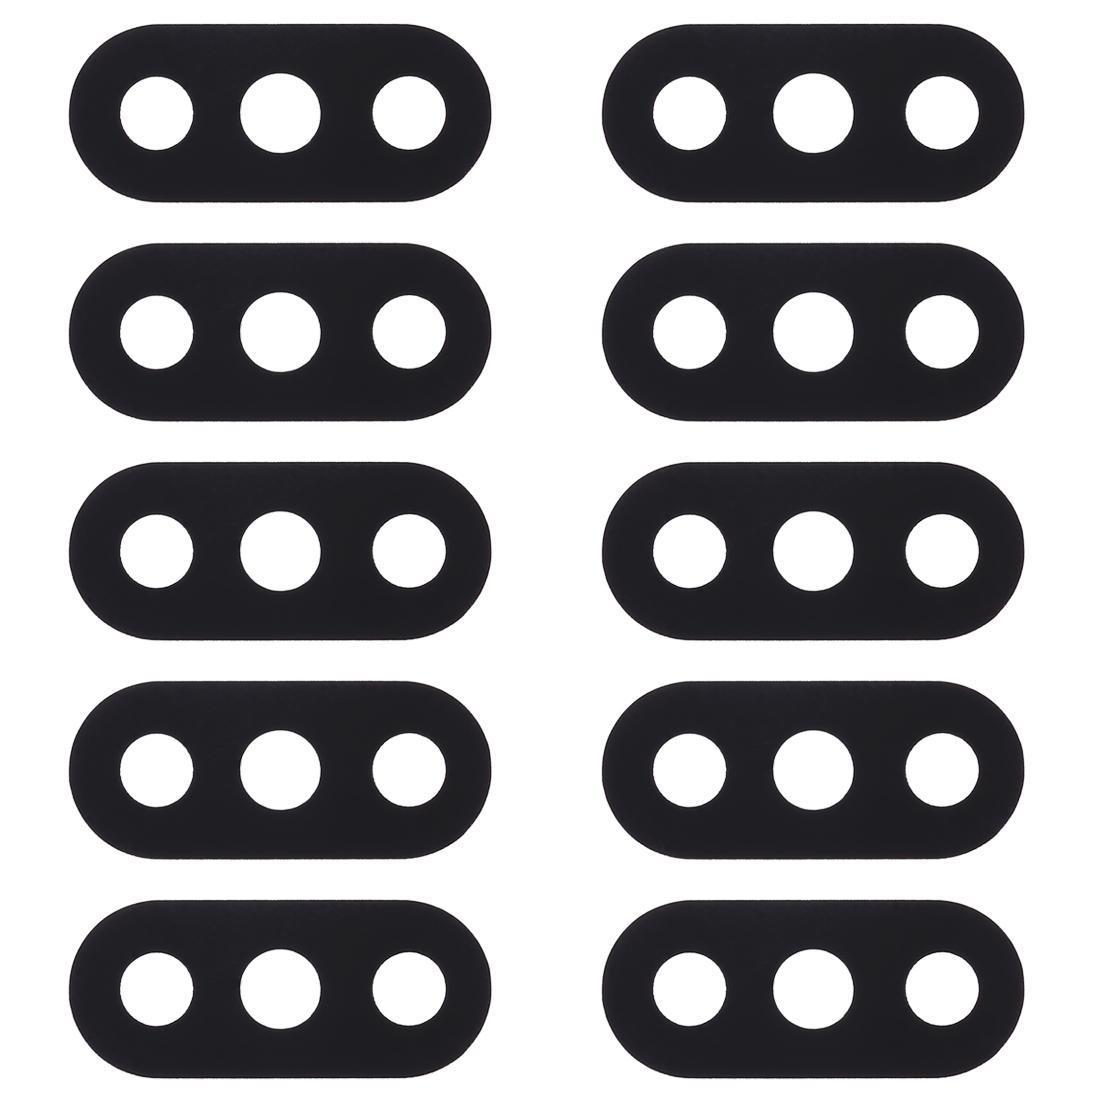 10 PCS Zurück Kamera-Objektiv-Abdeckung für Xiaomi Redmi Anmerkung 5 Pro / Redmi Note 5